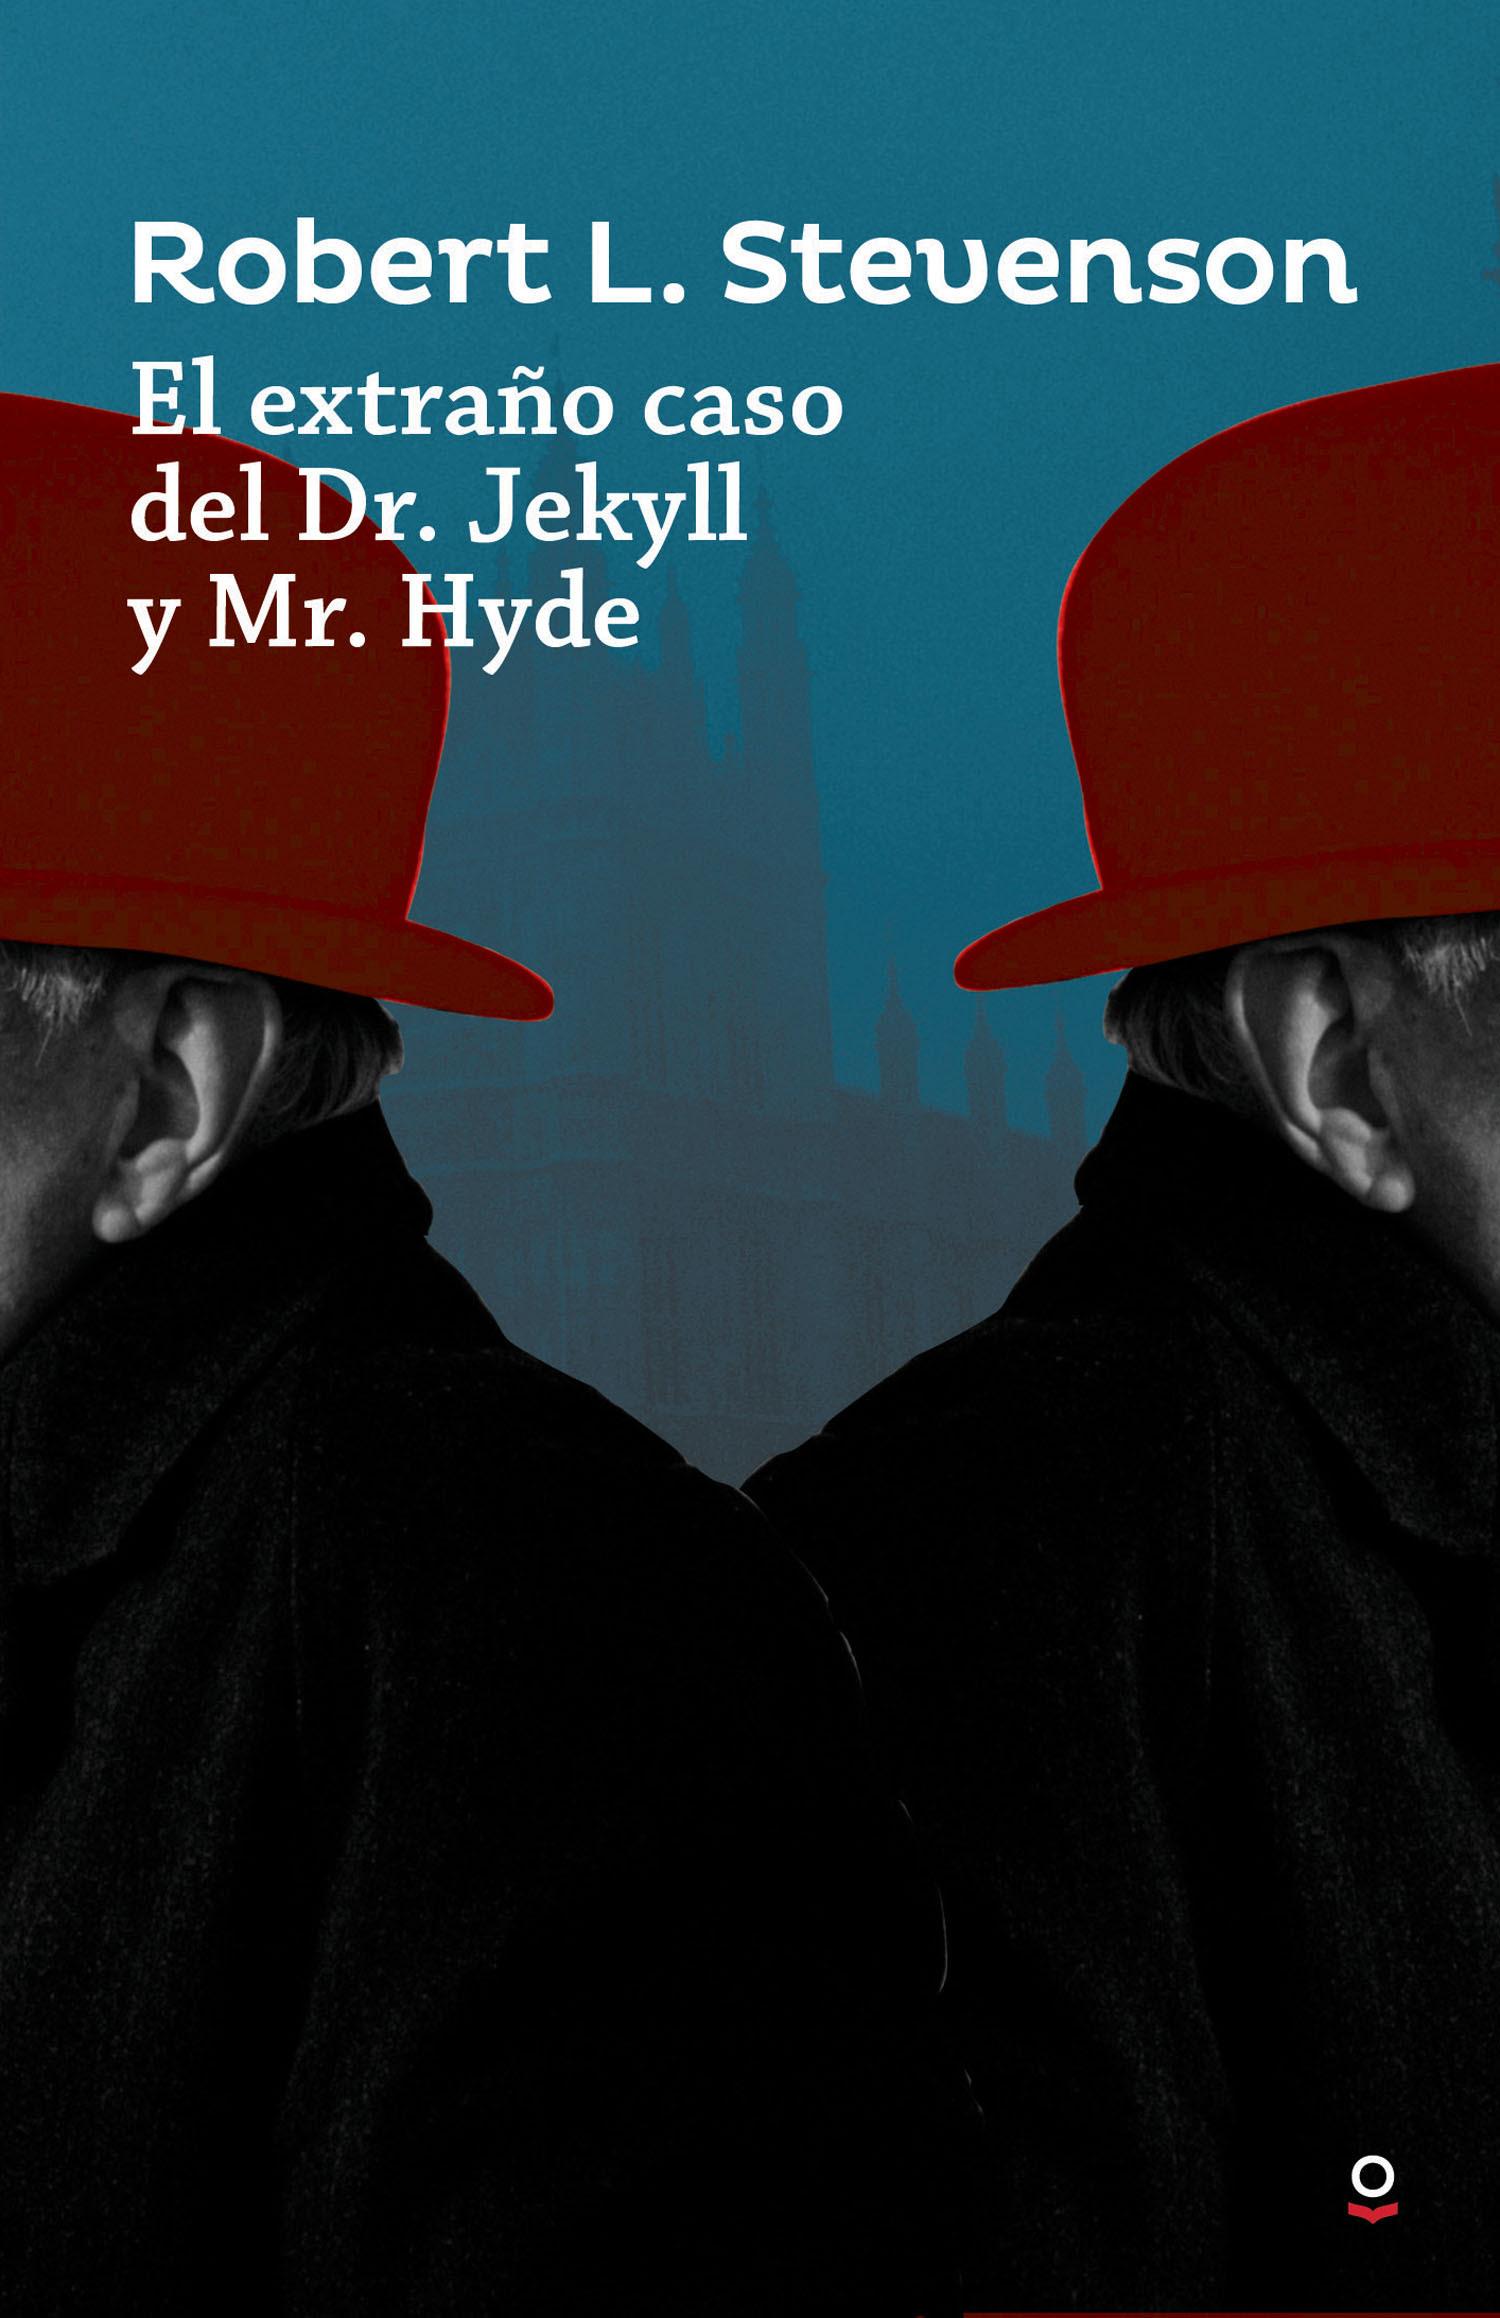 Resultado de imagen de portada el extraño caso del doctor jekyll y mr hyde